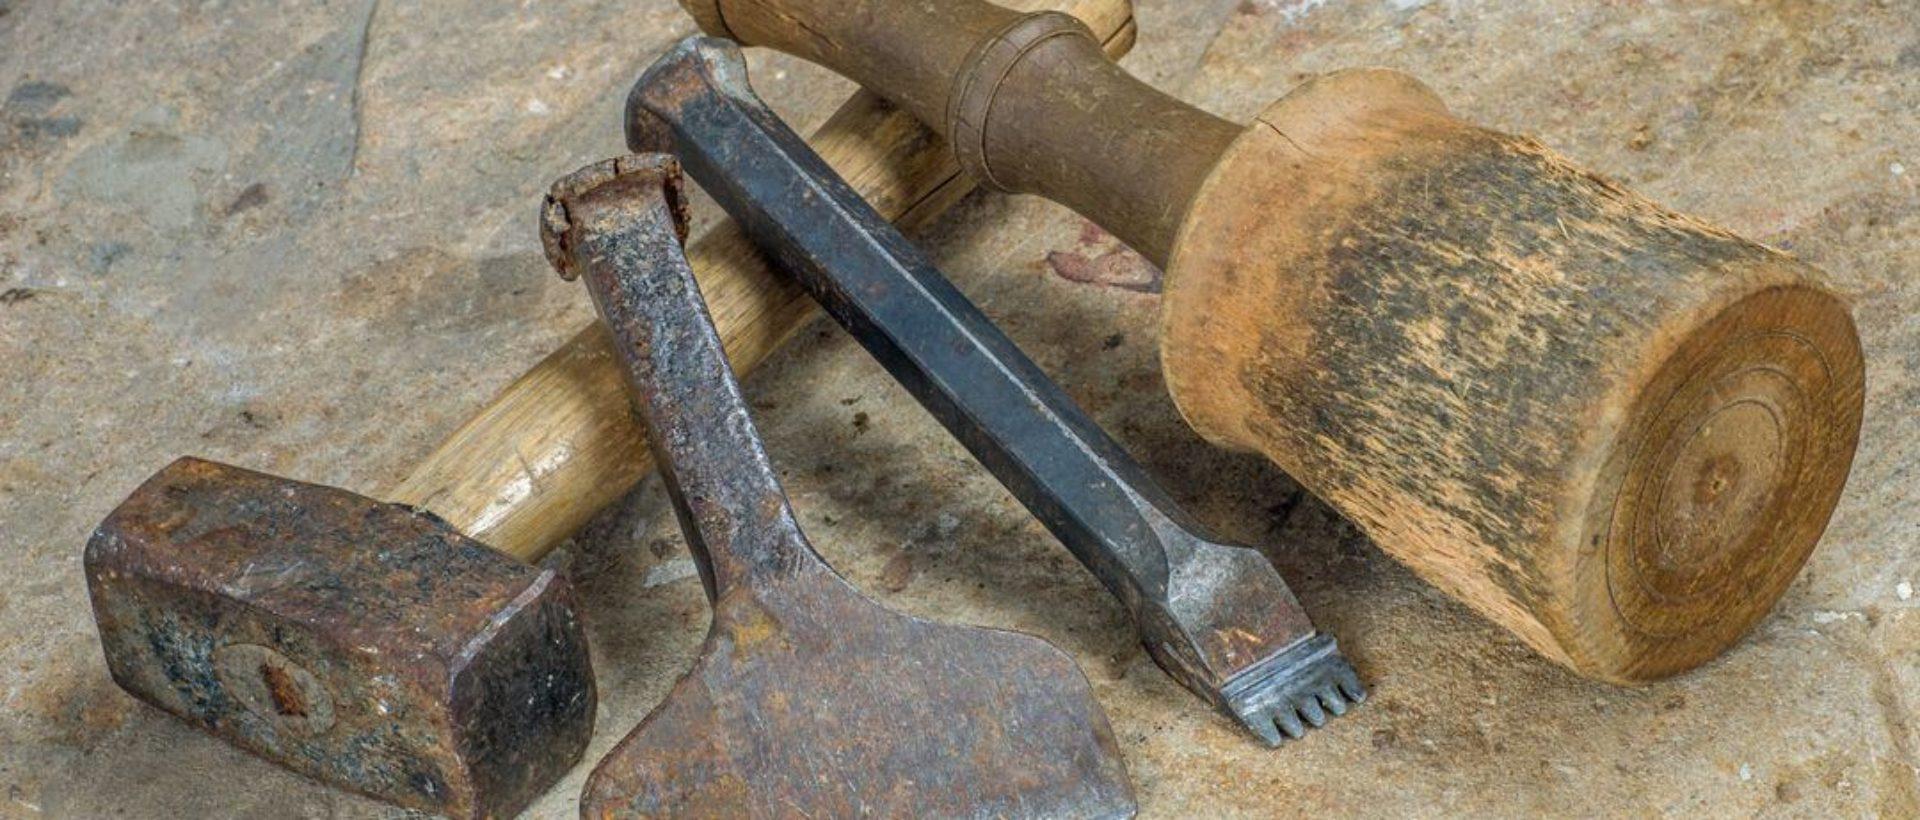 Steinmetzwerkzeug für Steinbearbeitung